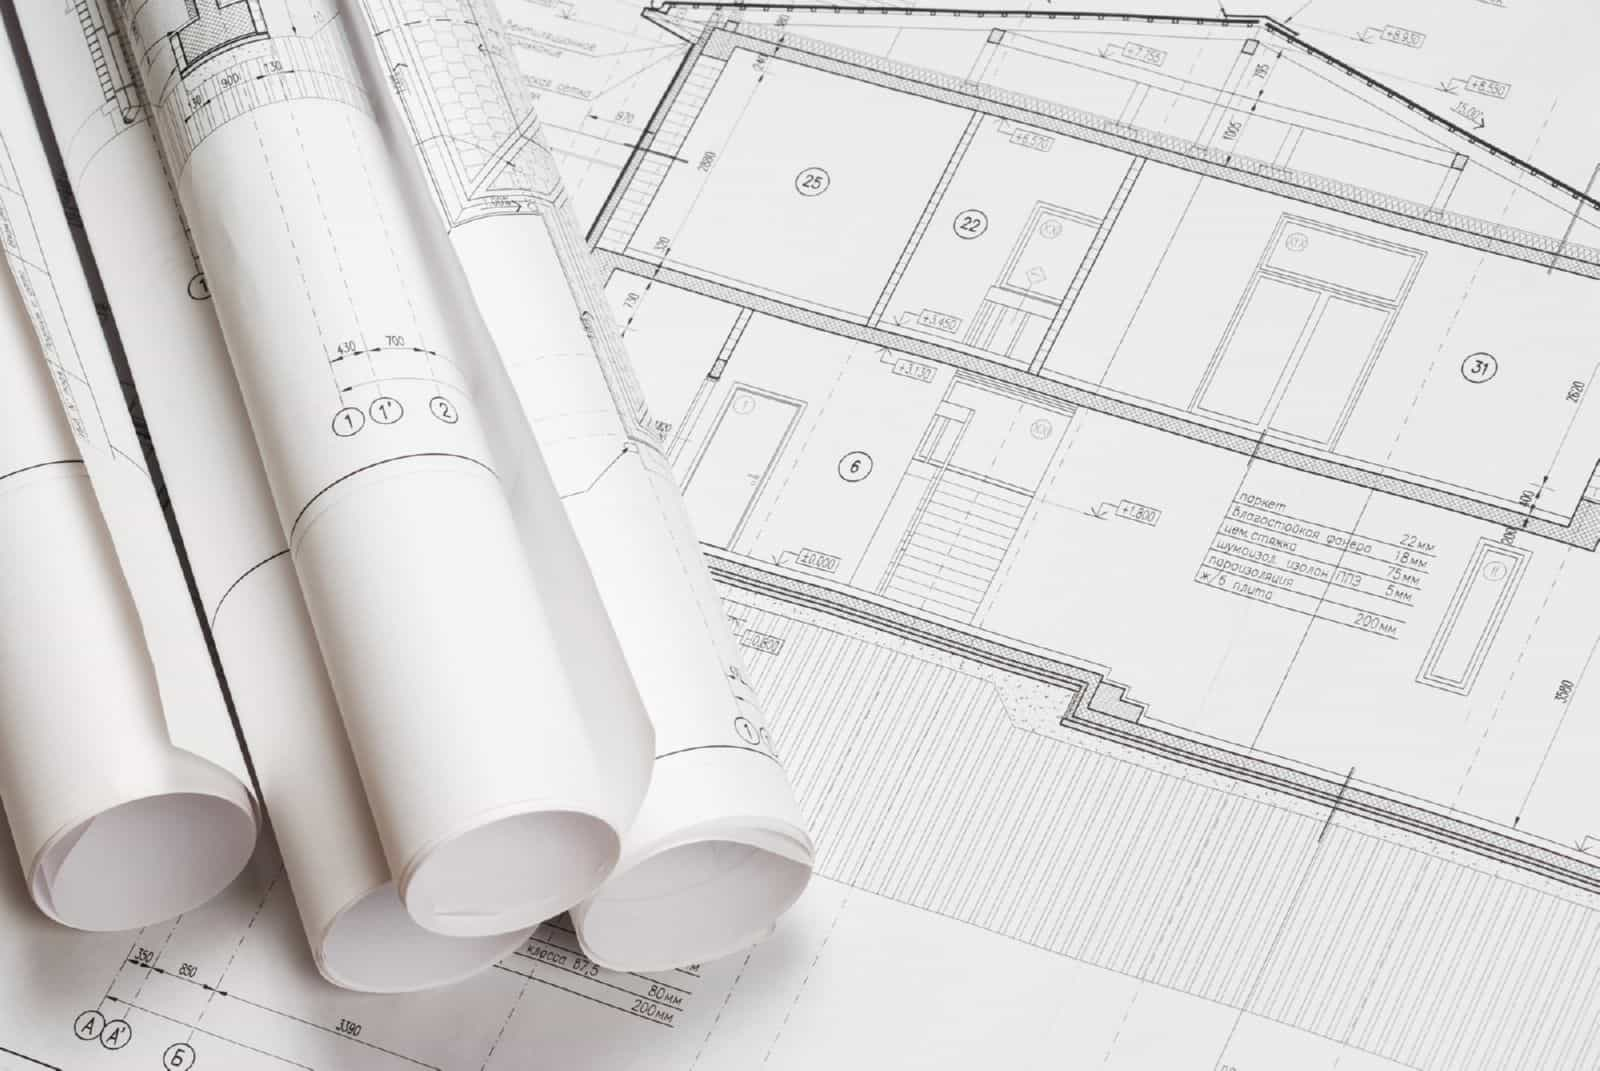 Как выглядит структура кадастрового плана земельного участка